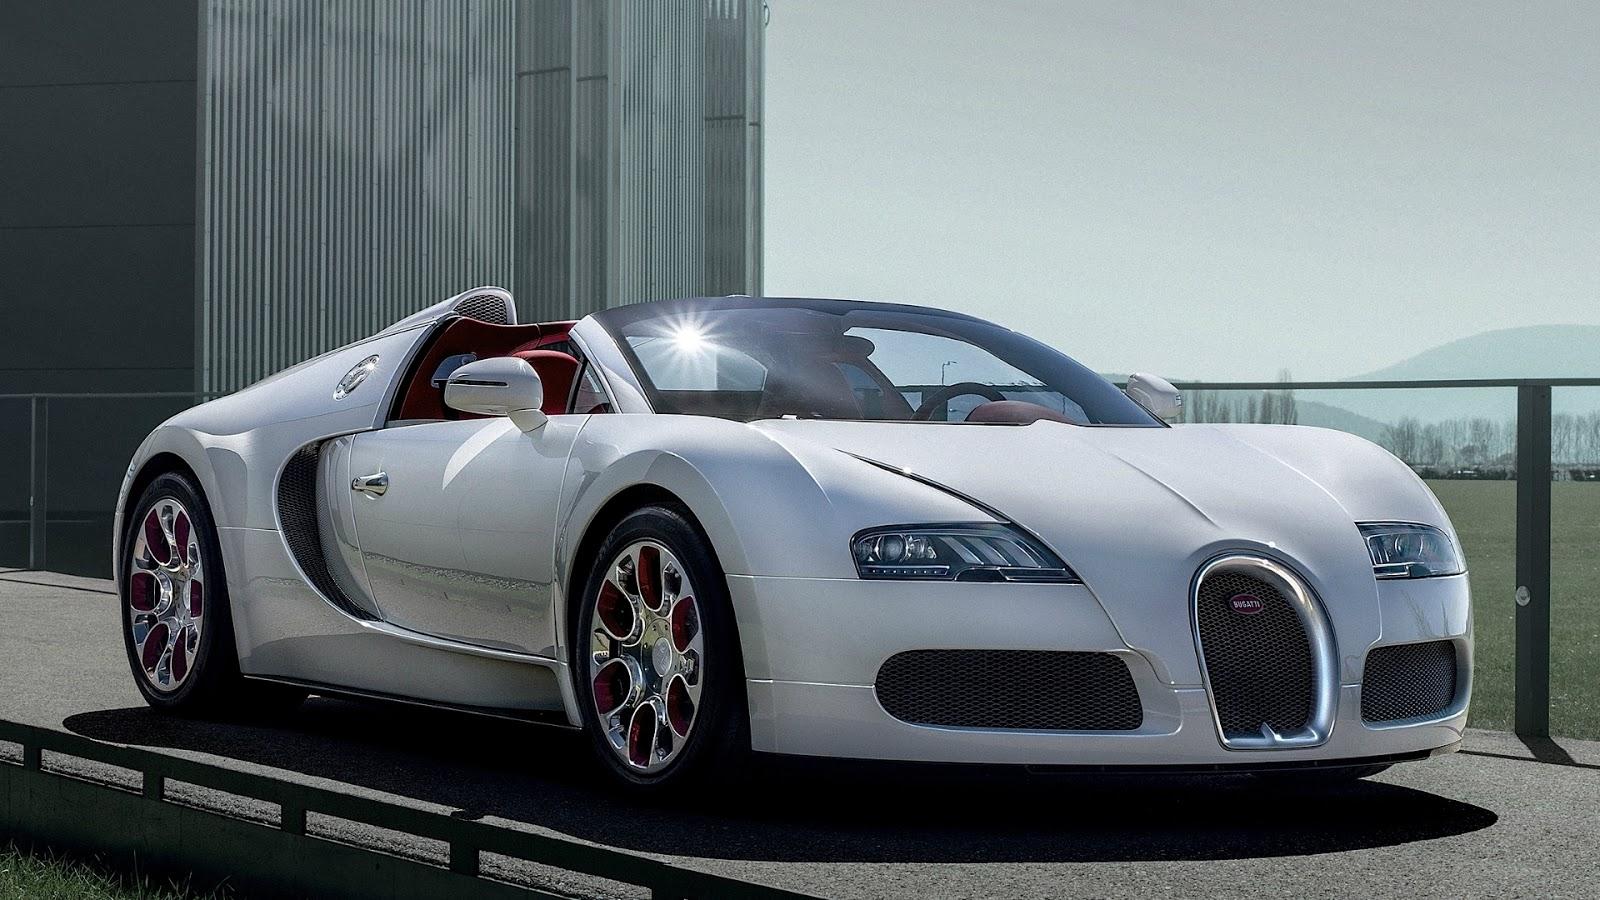 NeoReleaseCar: 2012 Bugatti Veyron 16.4 Grand Sport Super ...